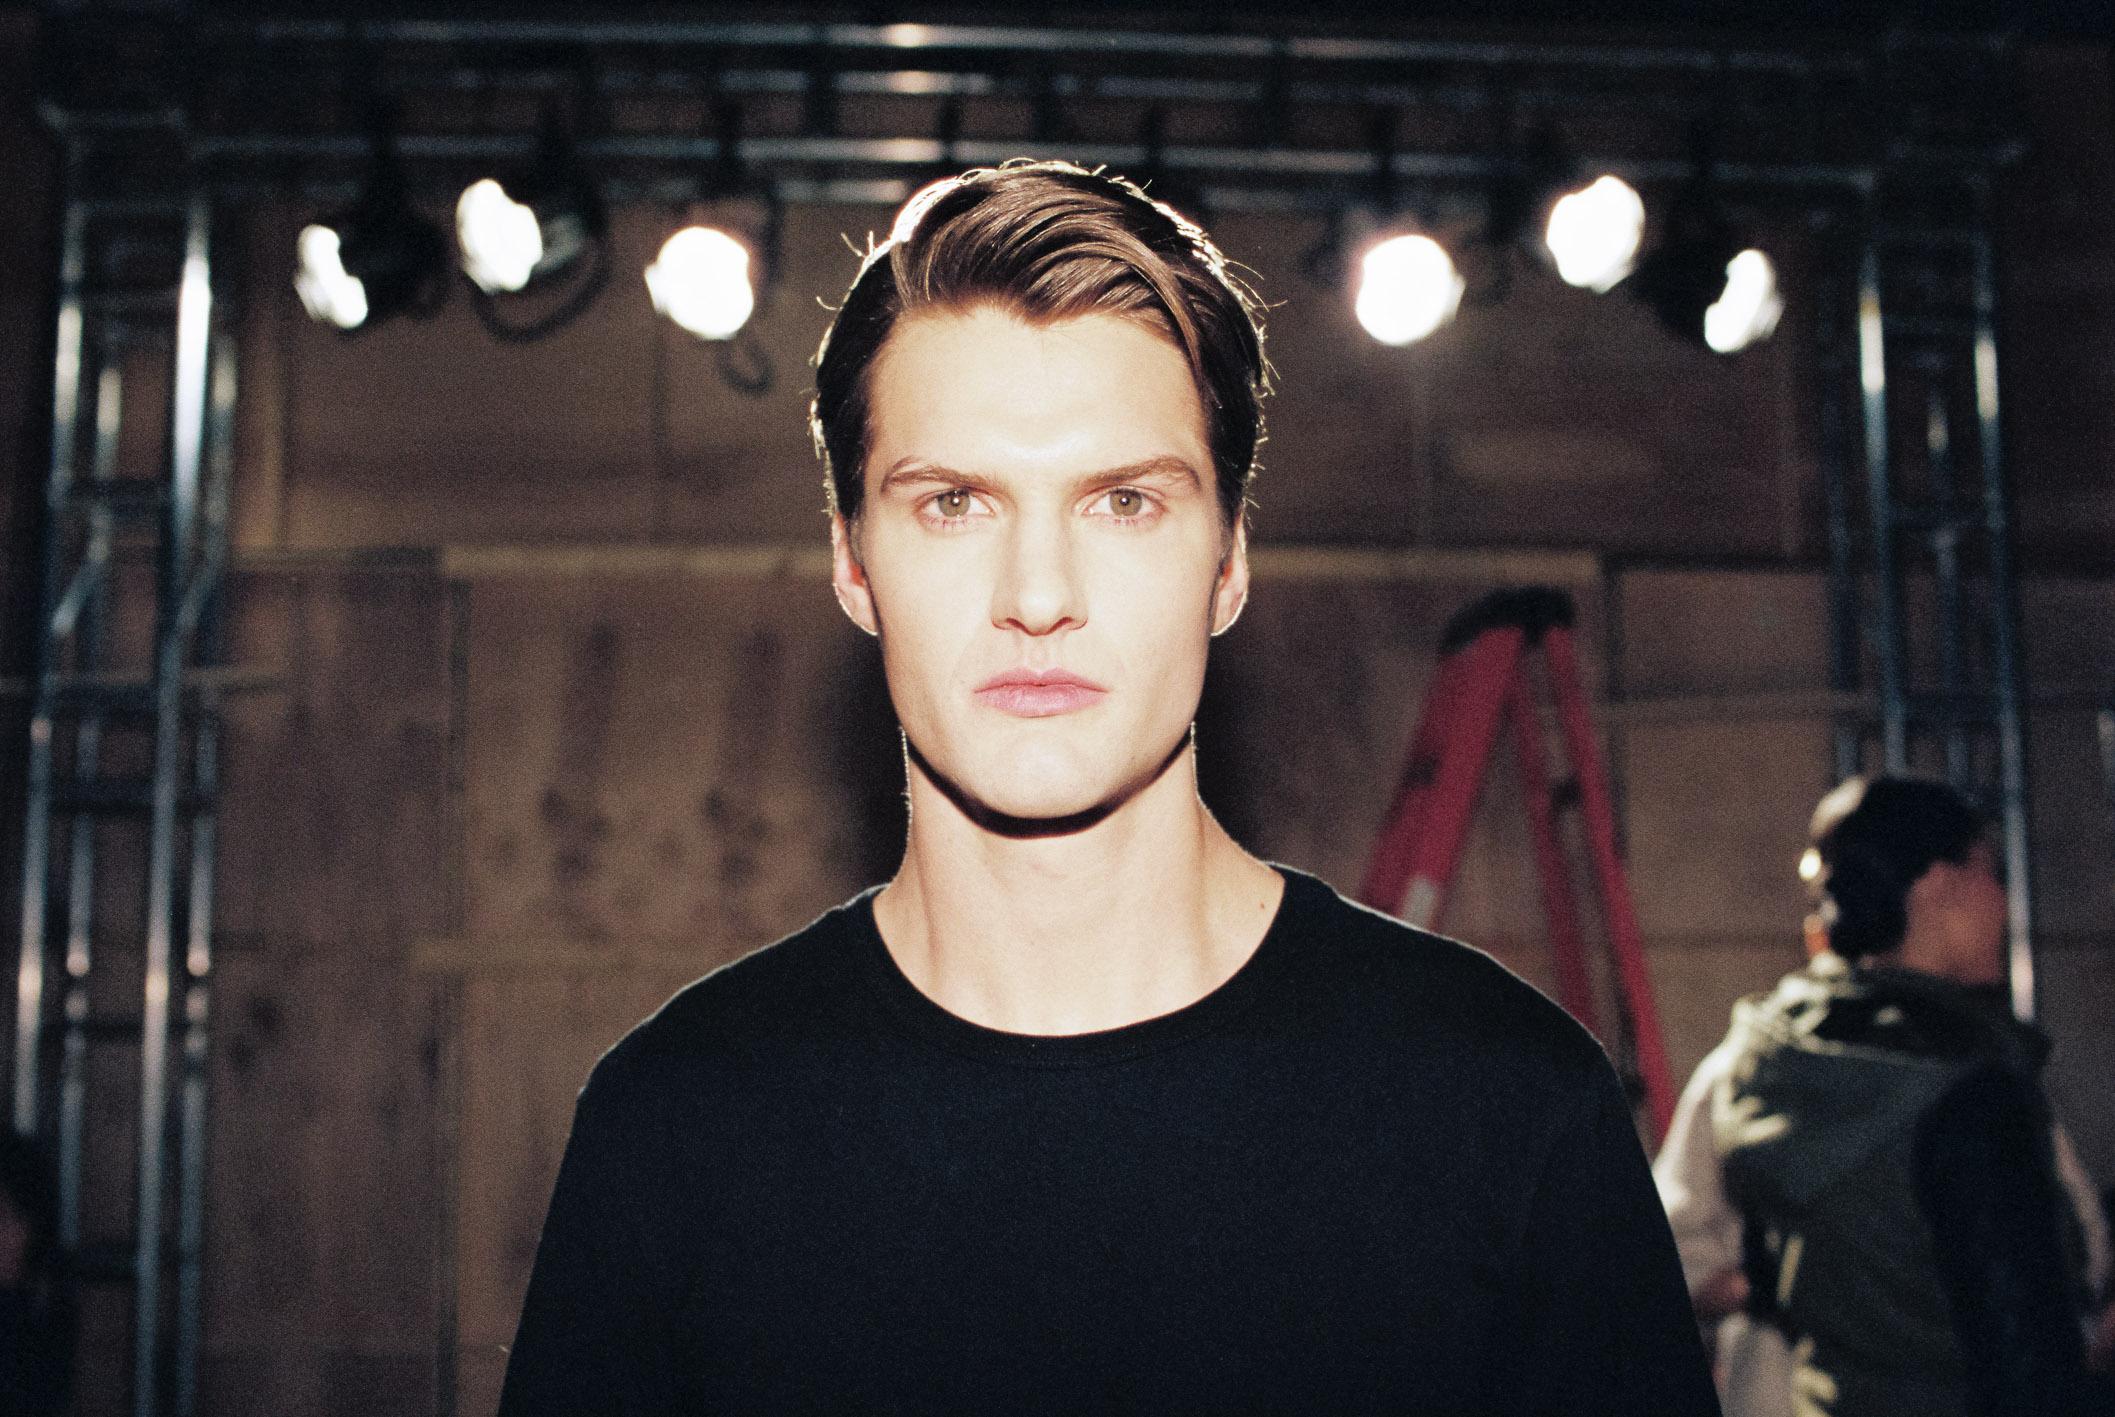 Models backstage, moreon Facebook